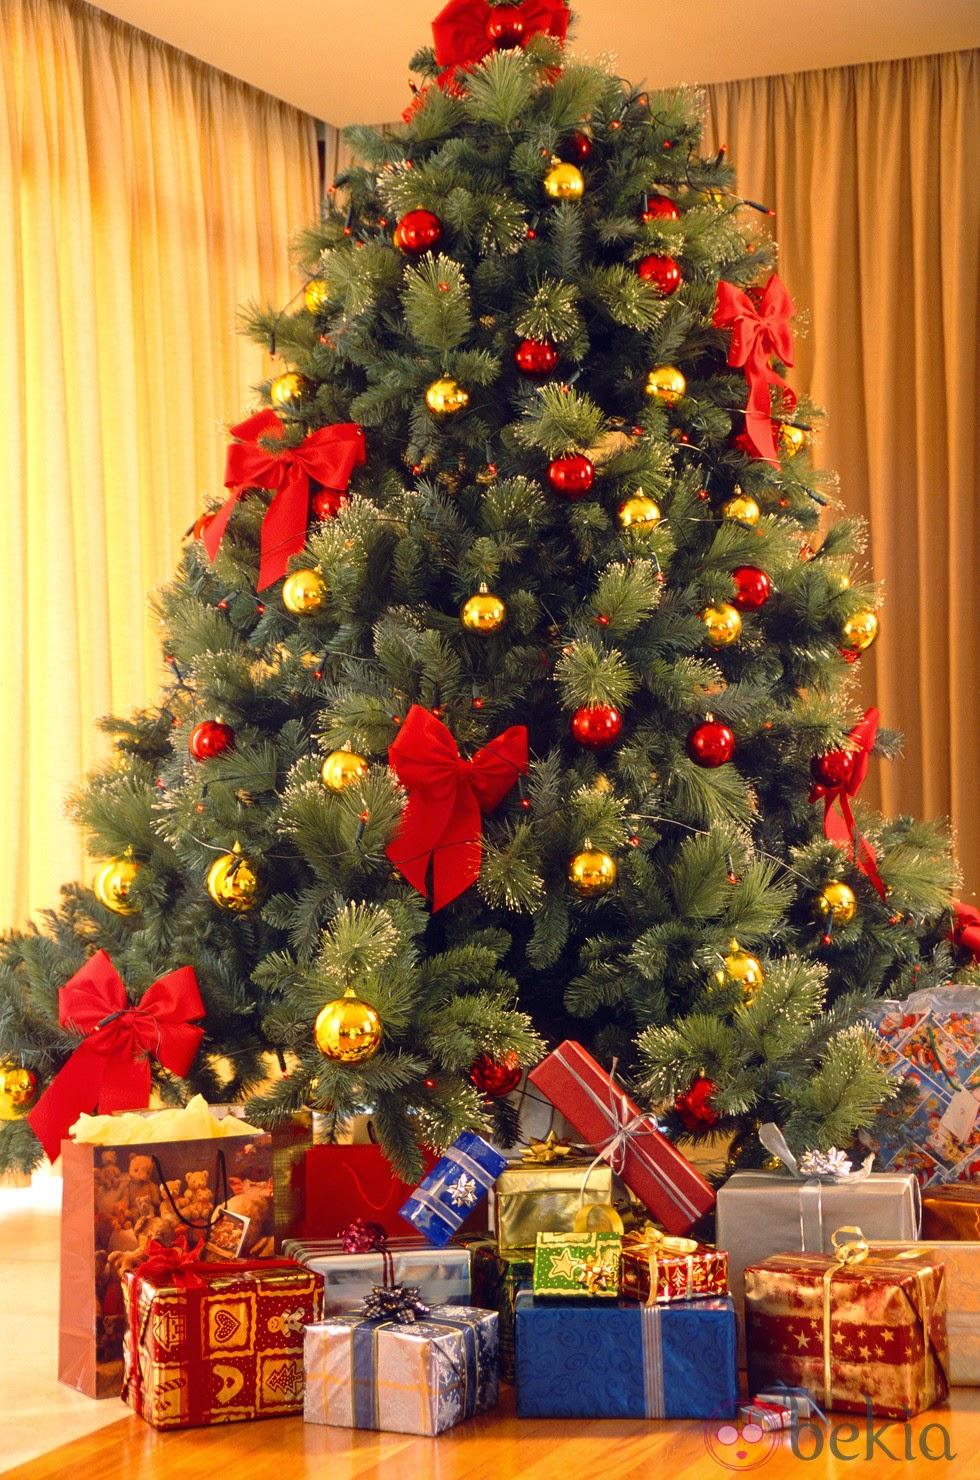 http://thecoolfashiion.blogspot.com/2014/11/cinco-ideas-para-tu-arbolito-de-navidad.html